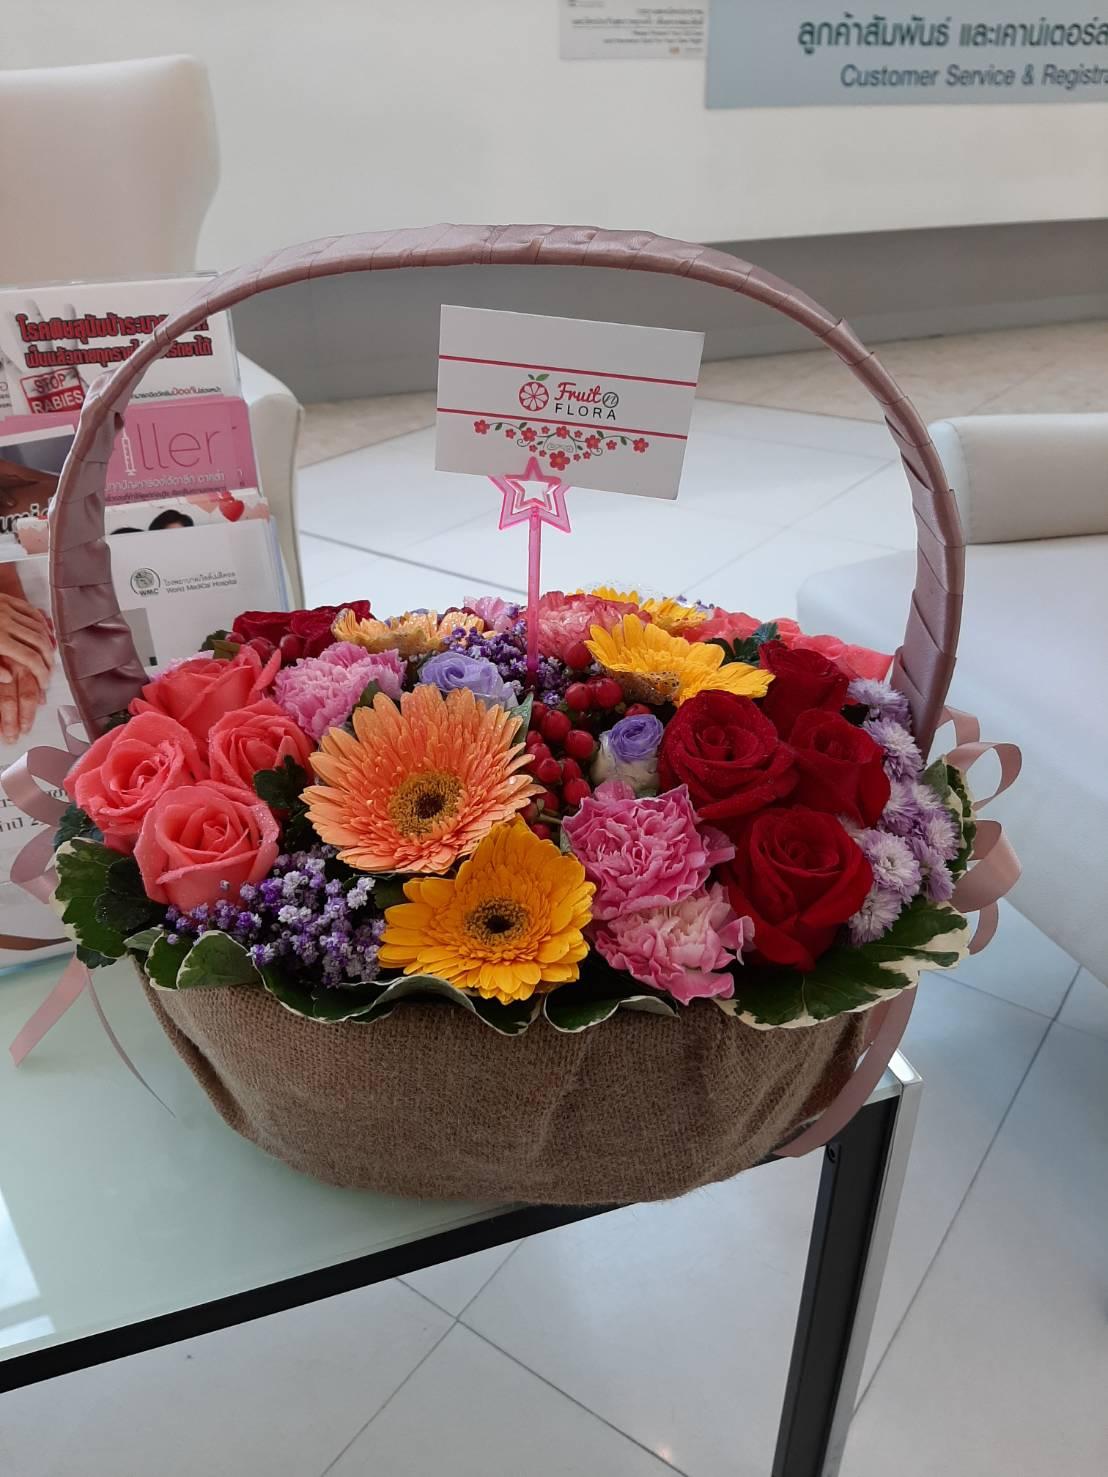 กระเช้าดอกไม้สุดชิค มาพร้อมกับดอกไม้สีสันสดใสหลายชนิดเลยทีเดียวค่ะ